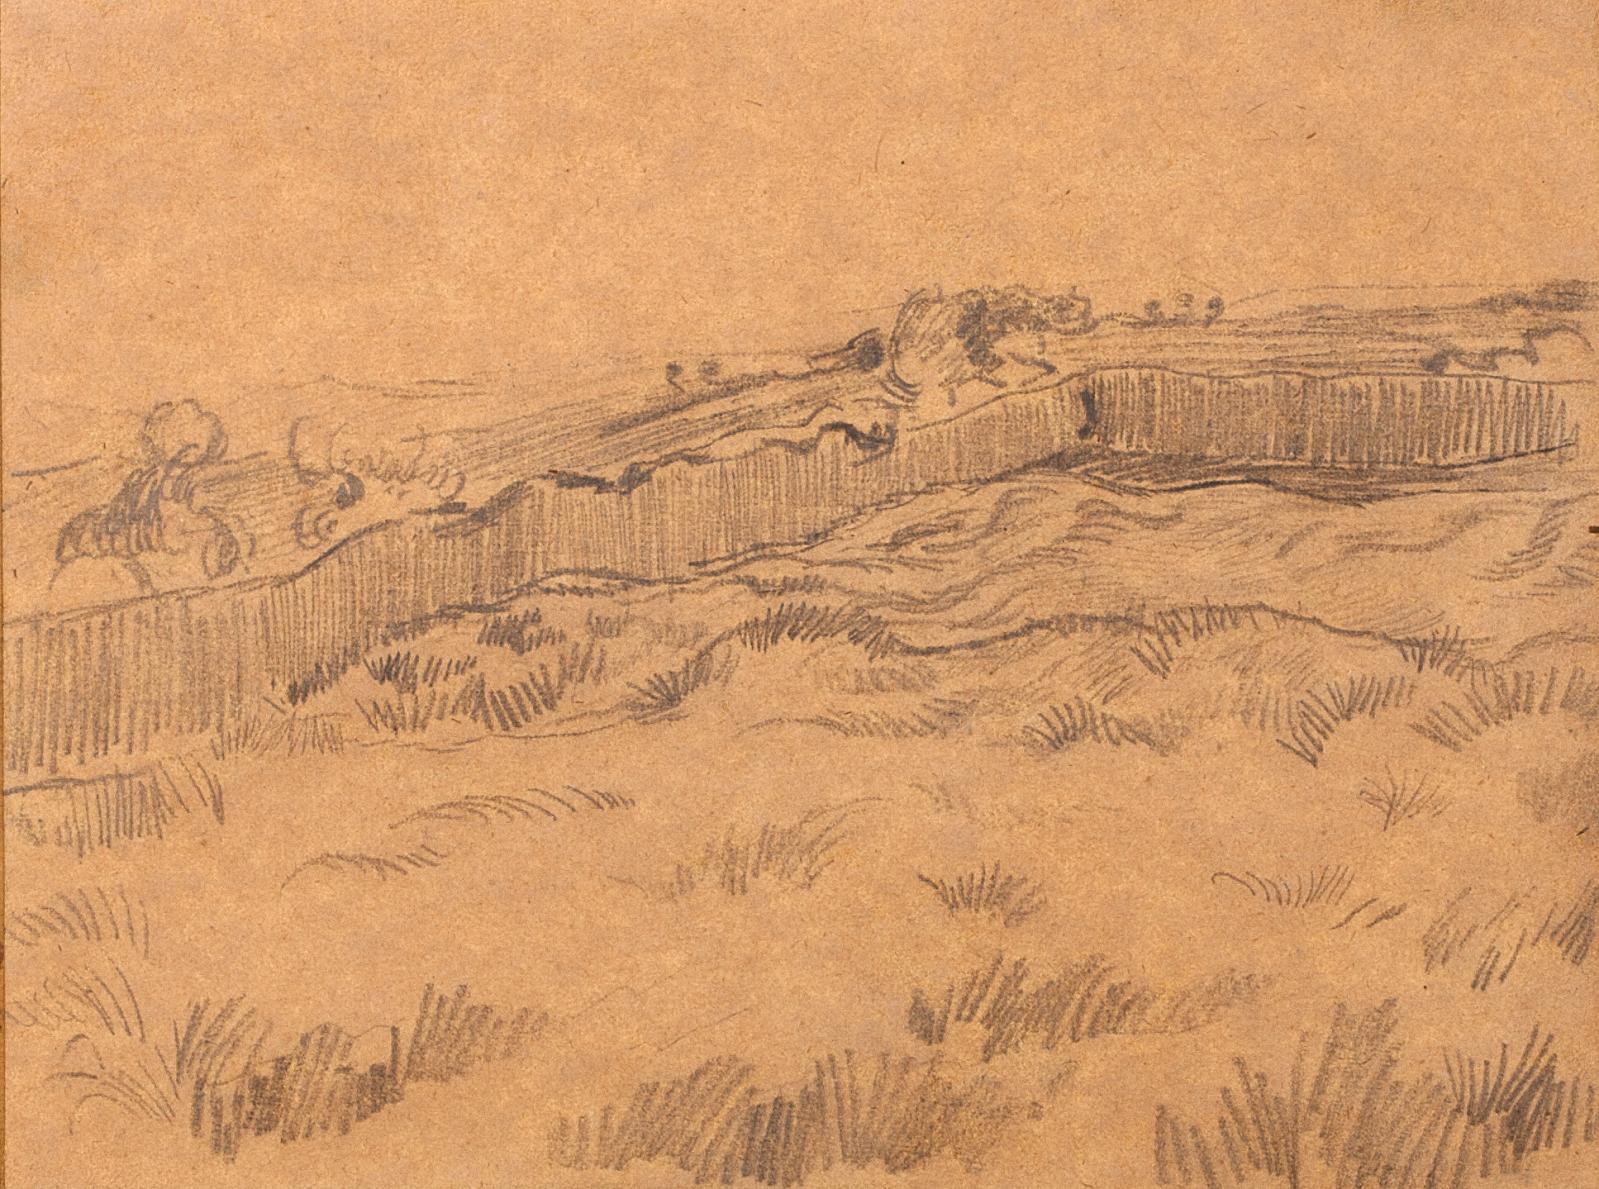 Vincent Van Gogh (1853-1890), Champ de blé fermé par un mur - coin de la clôture derrière l'hospice Saint-Paul, 1890, crayon sur papier marouflé sur p